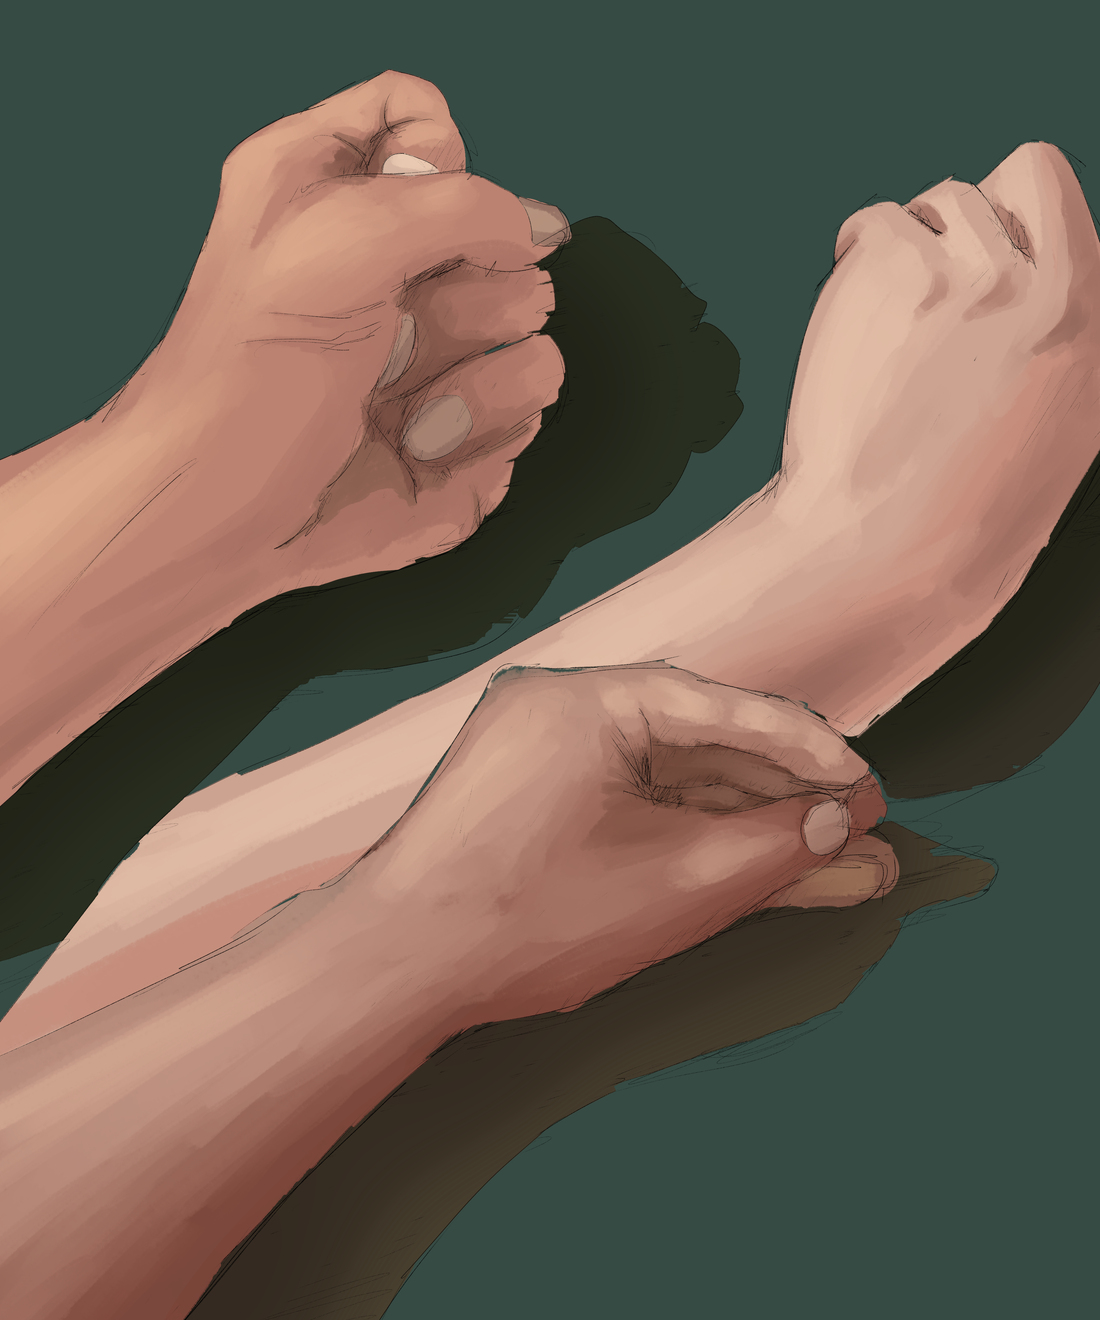 手を描く練習 スケッチ